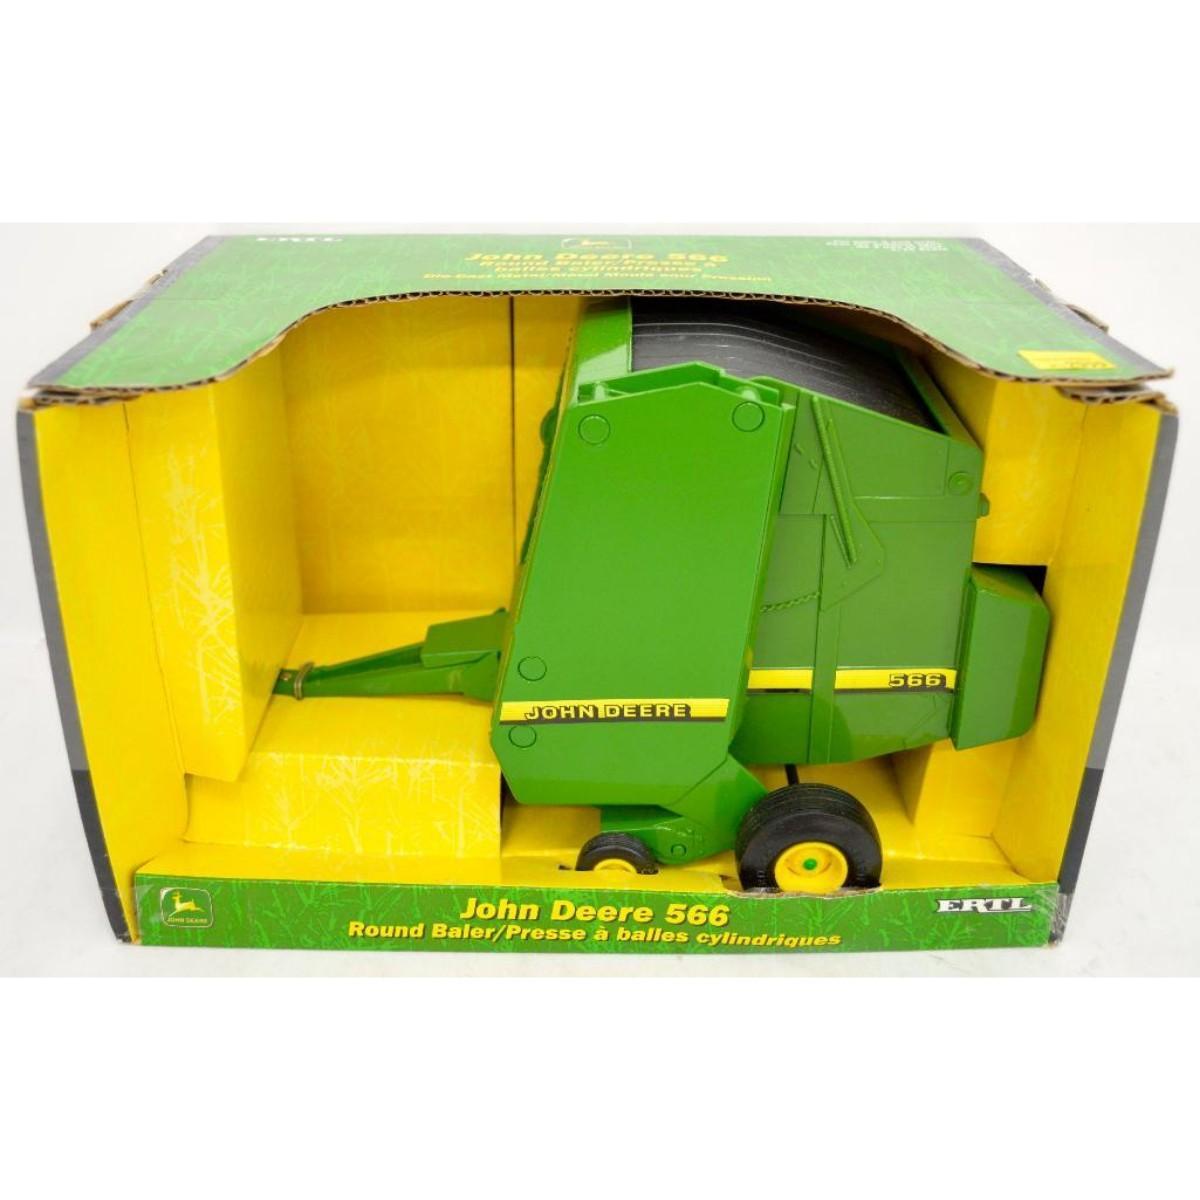 Ertl 1/16 5919 John Deere 566 round baler MIB   Toys Trains